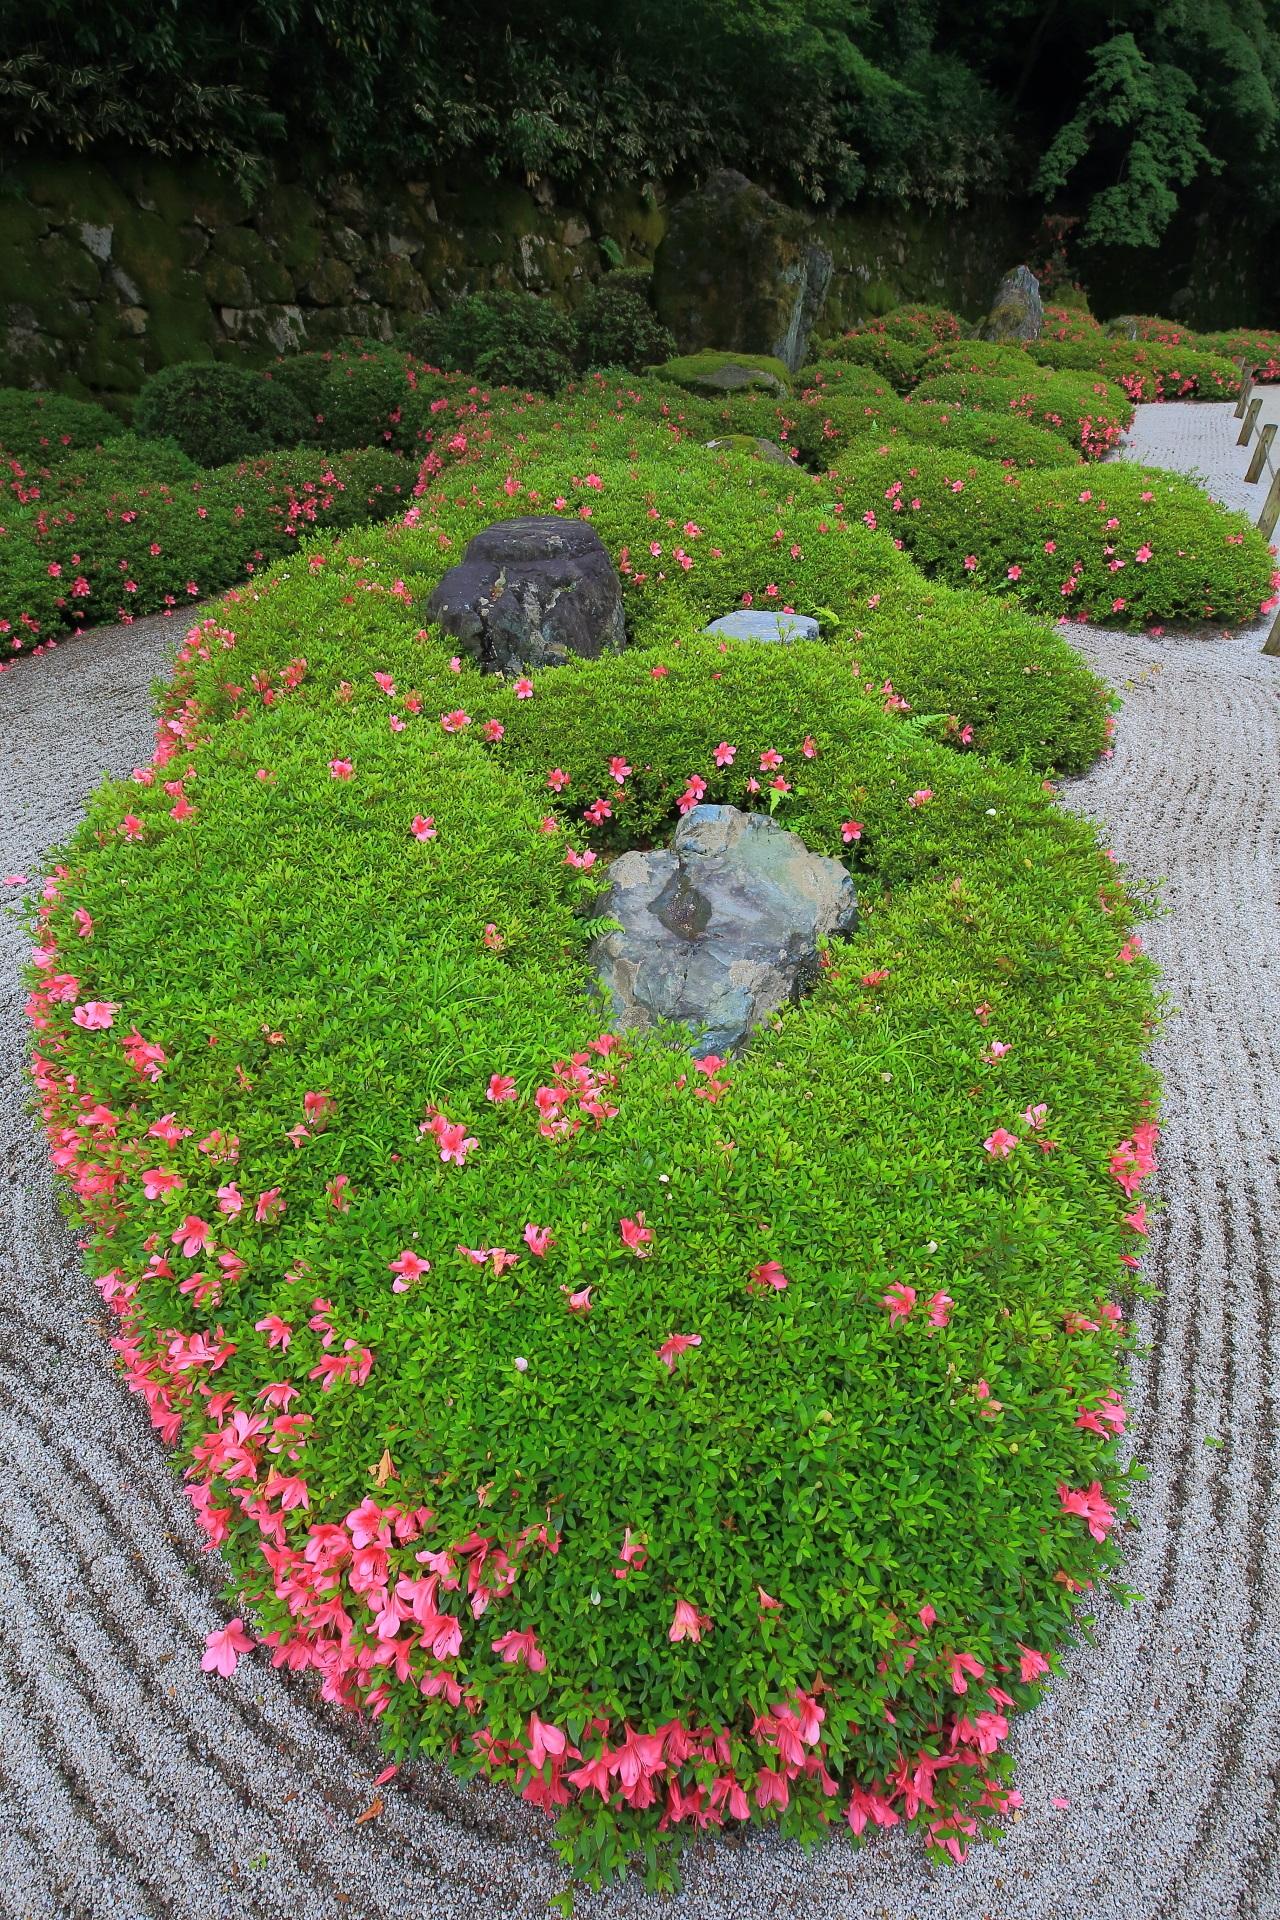 知恩院方丈庭園の素晴らしいサツキと春の情景